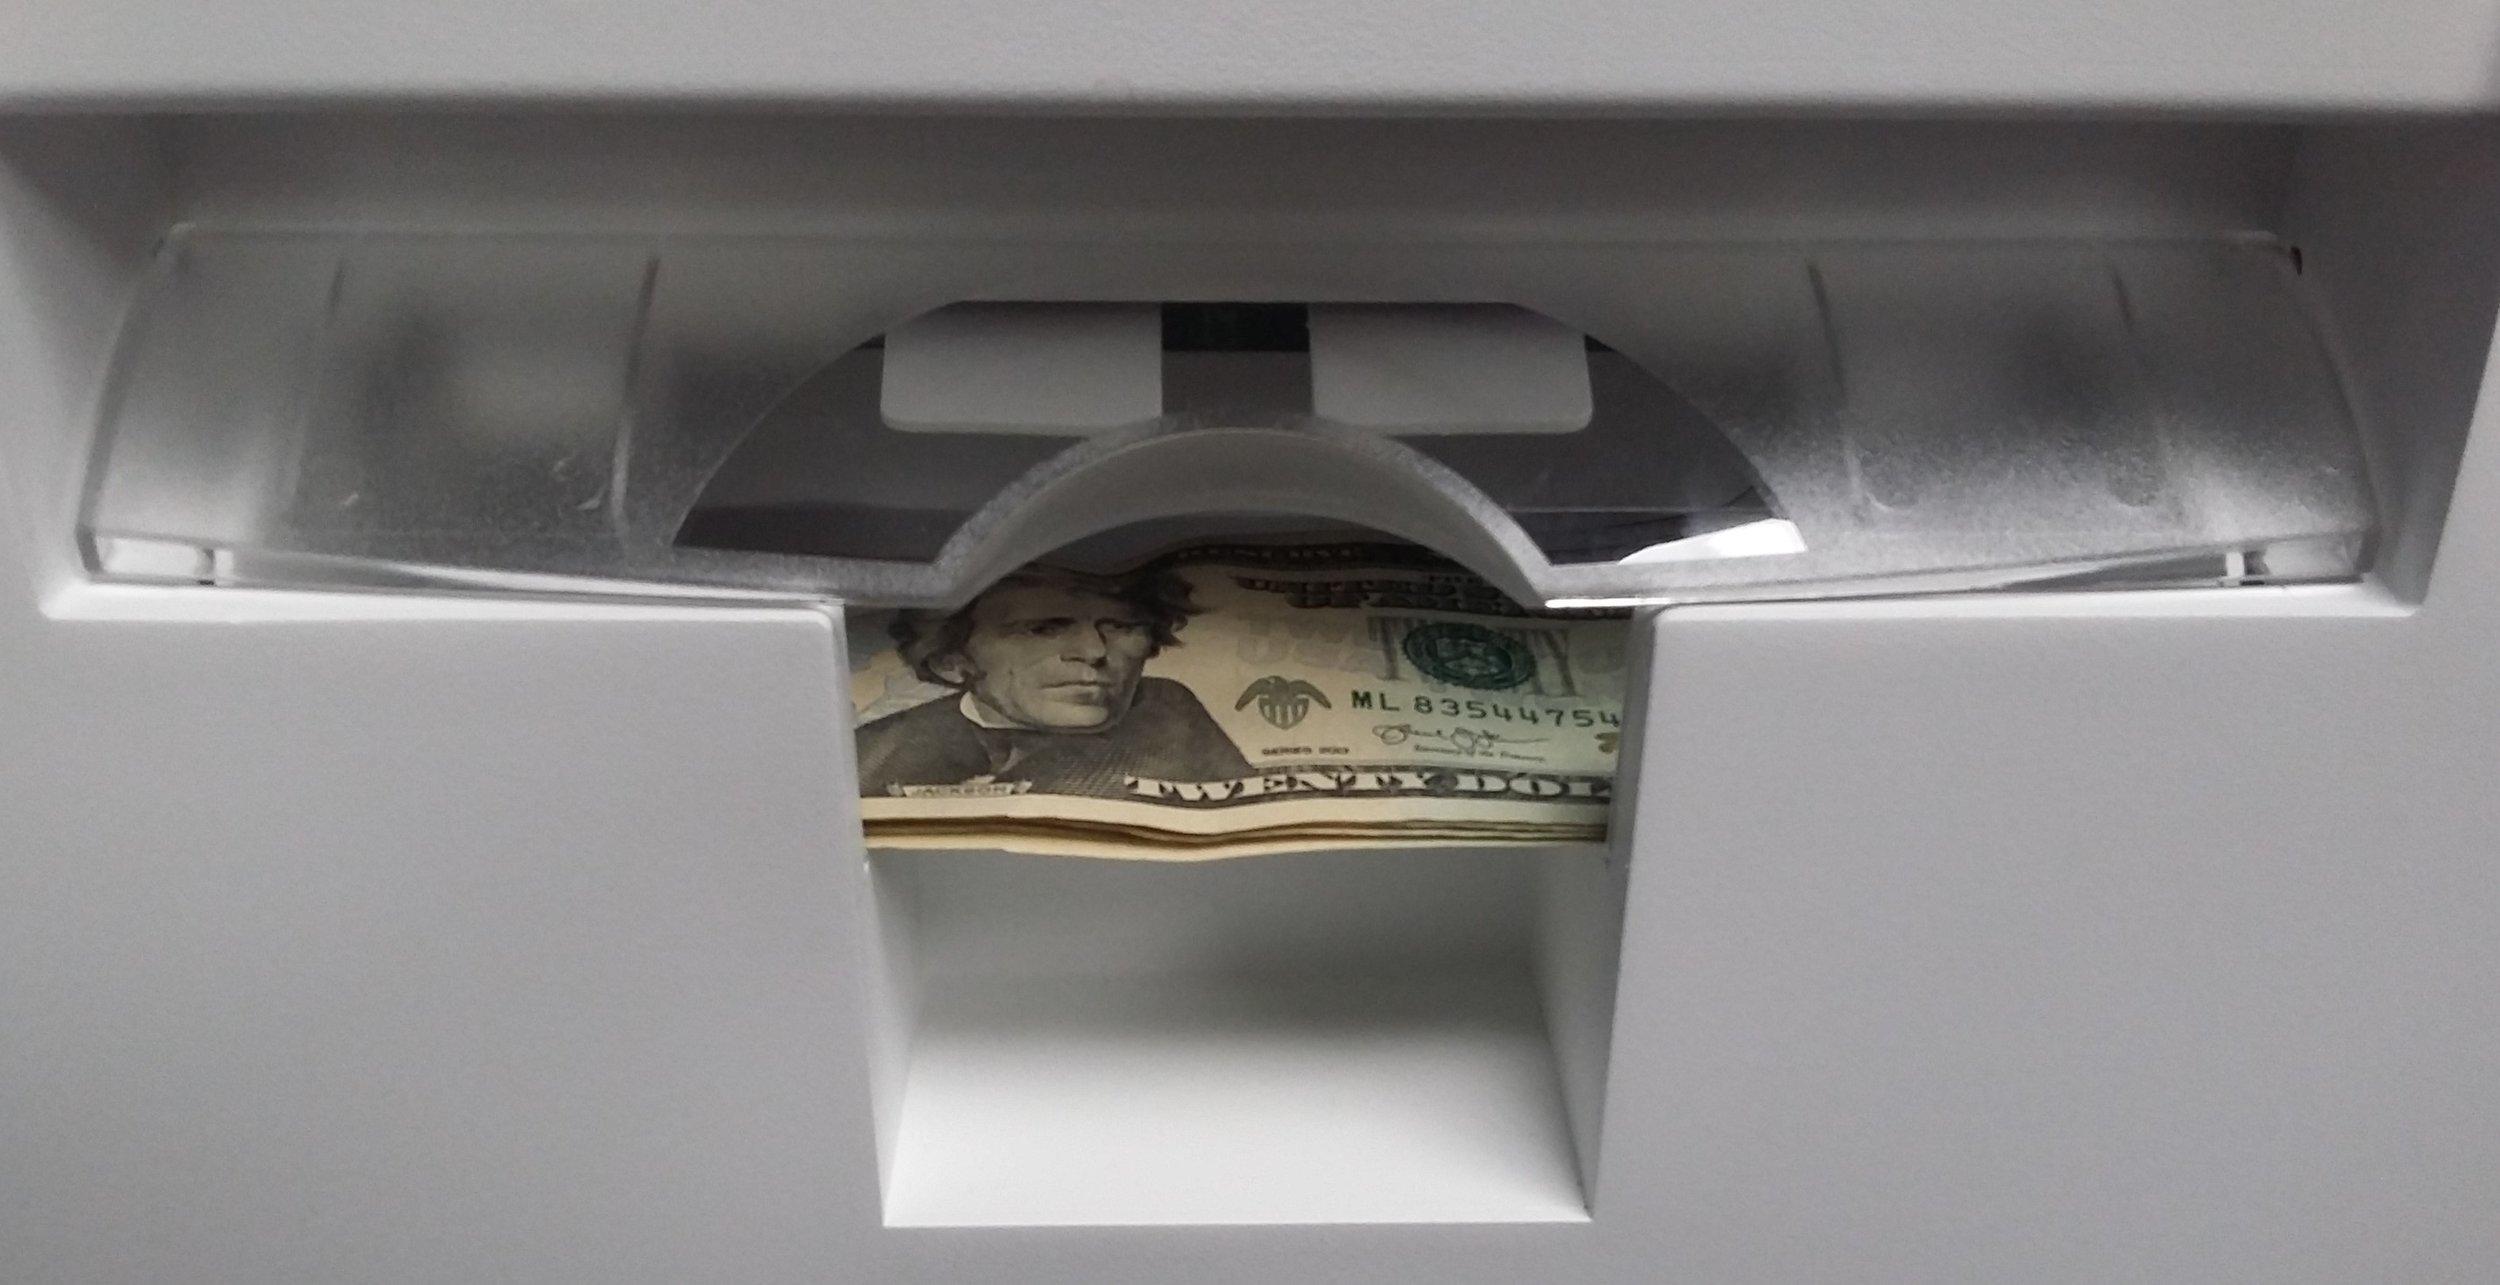 ATM cash dispenser_v2.jpg